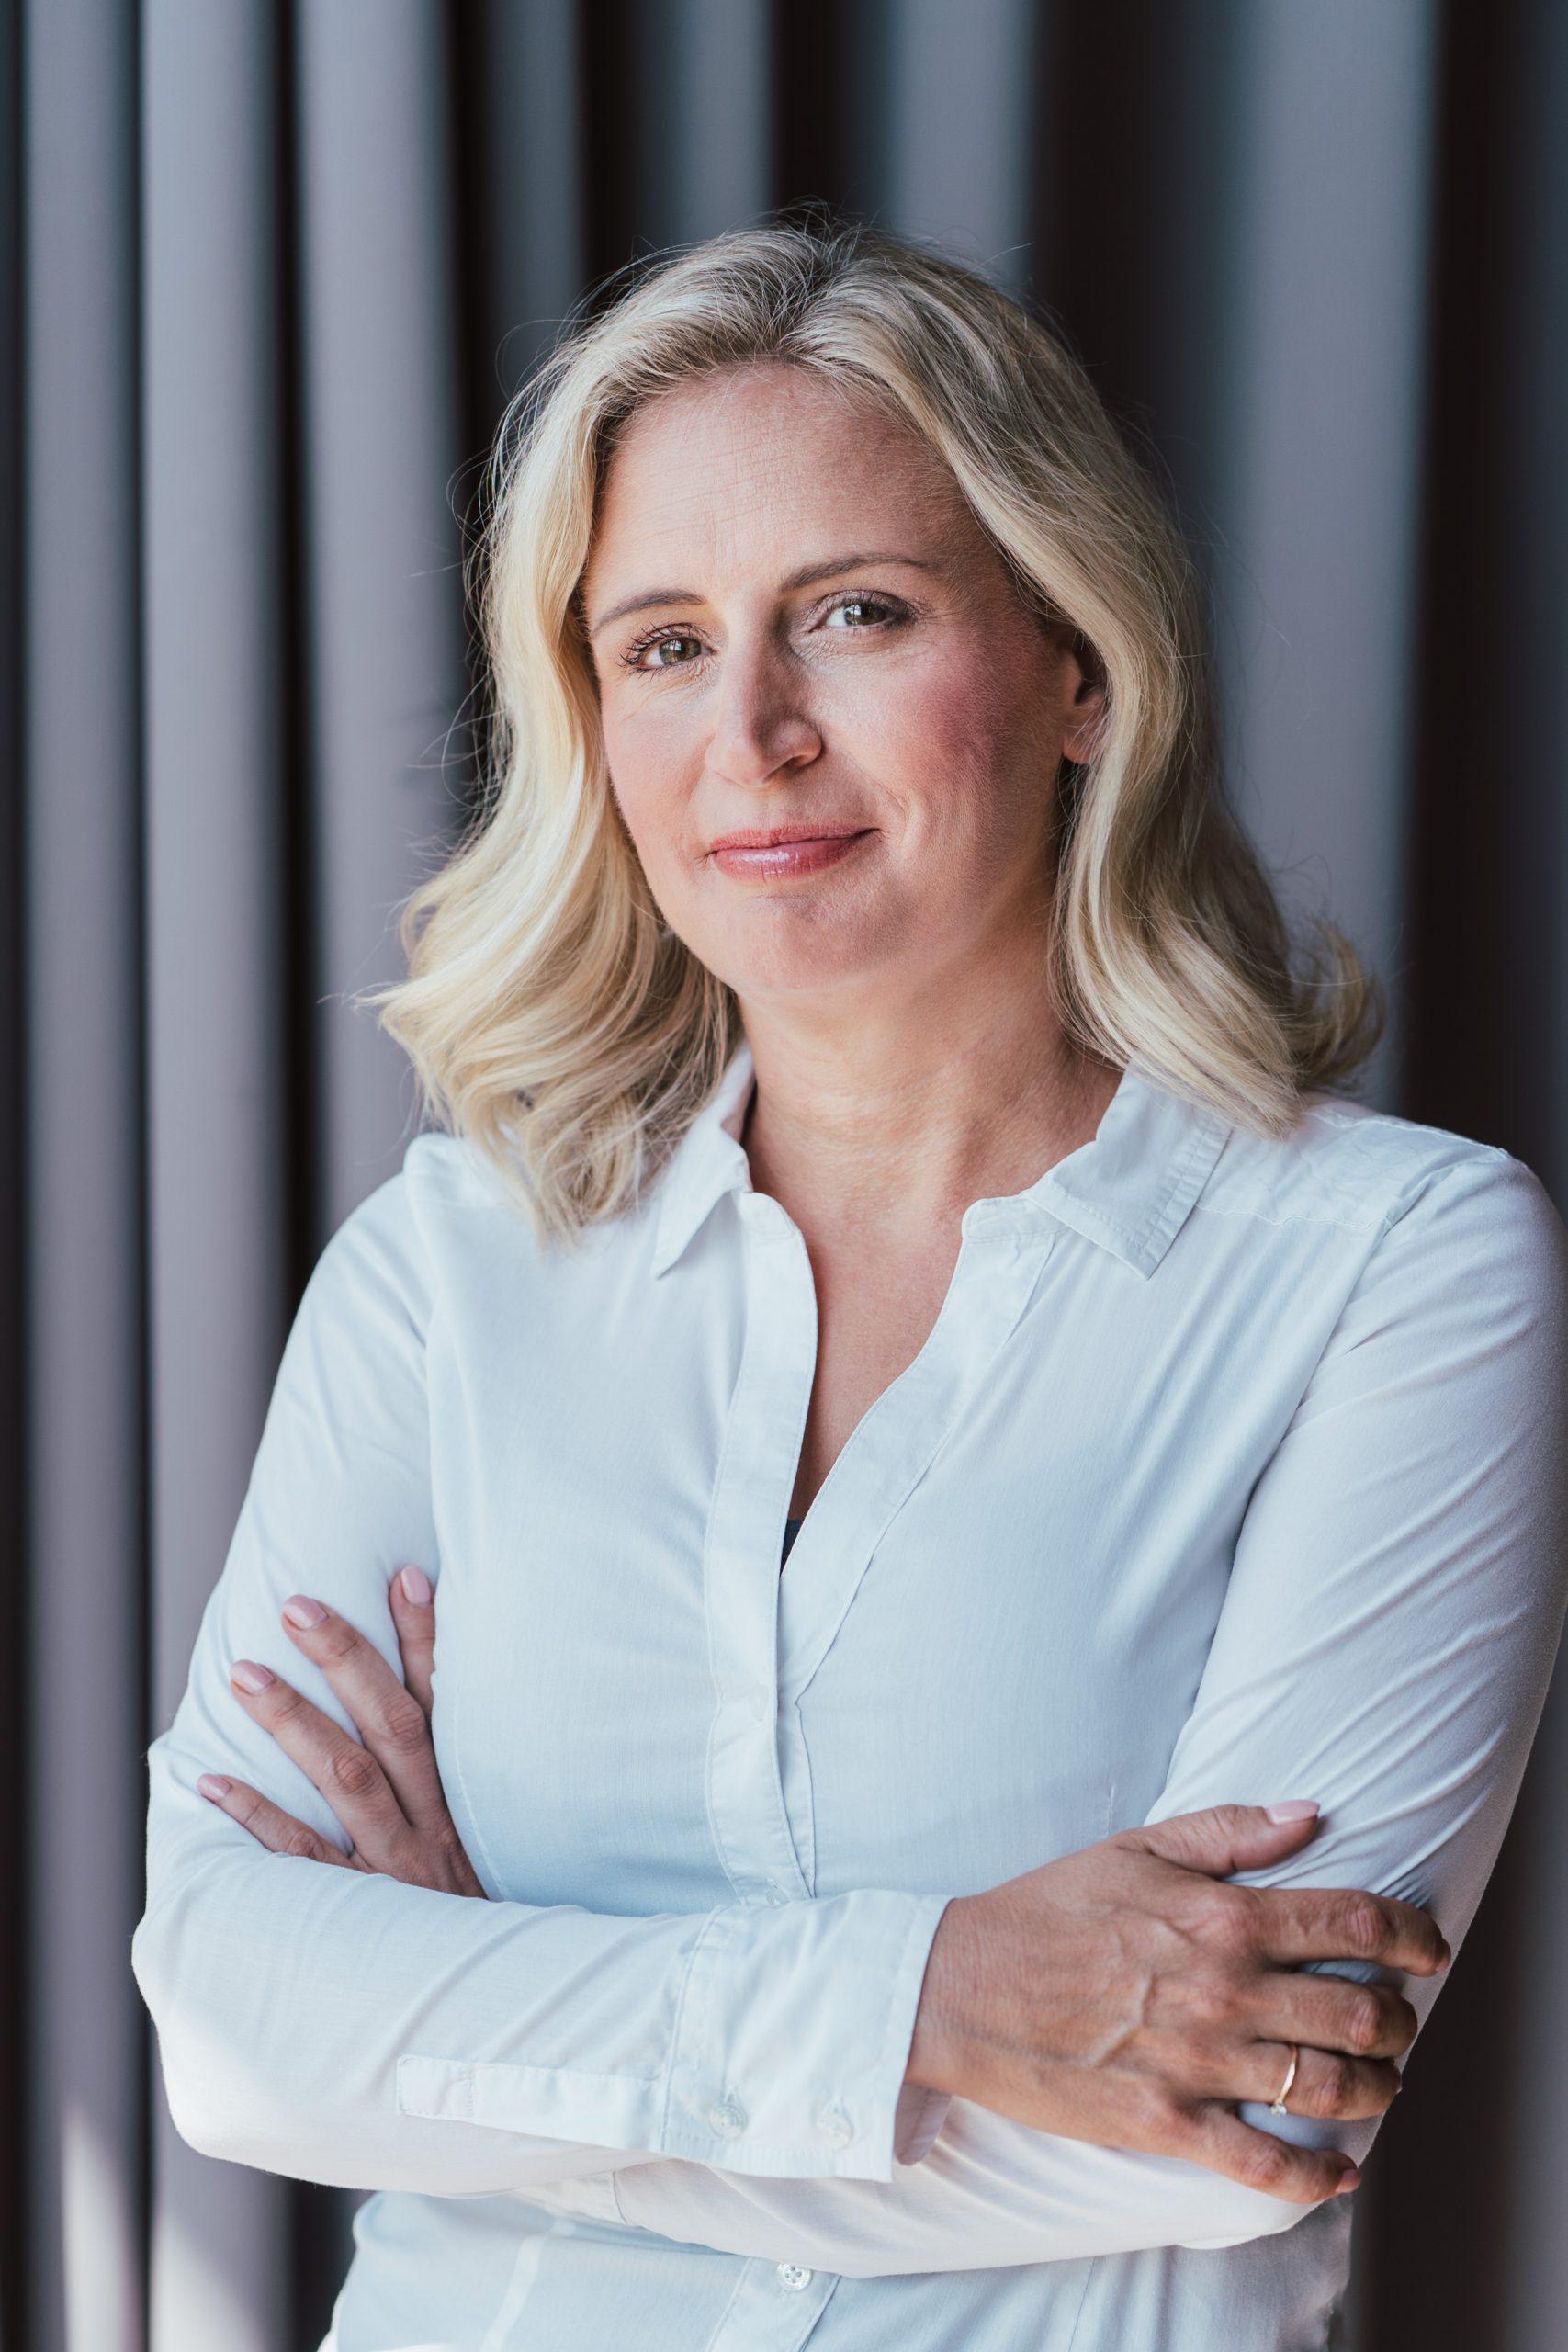 Ruth Scheuvens